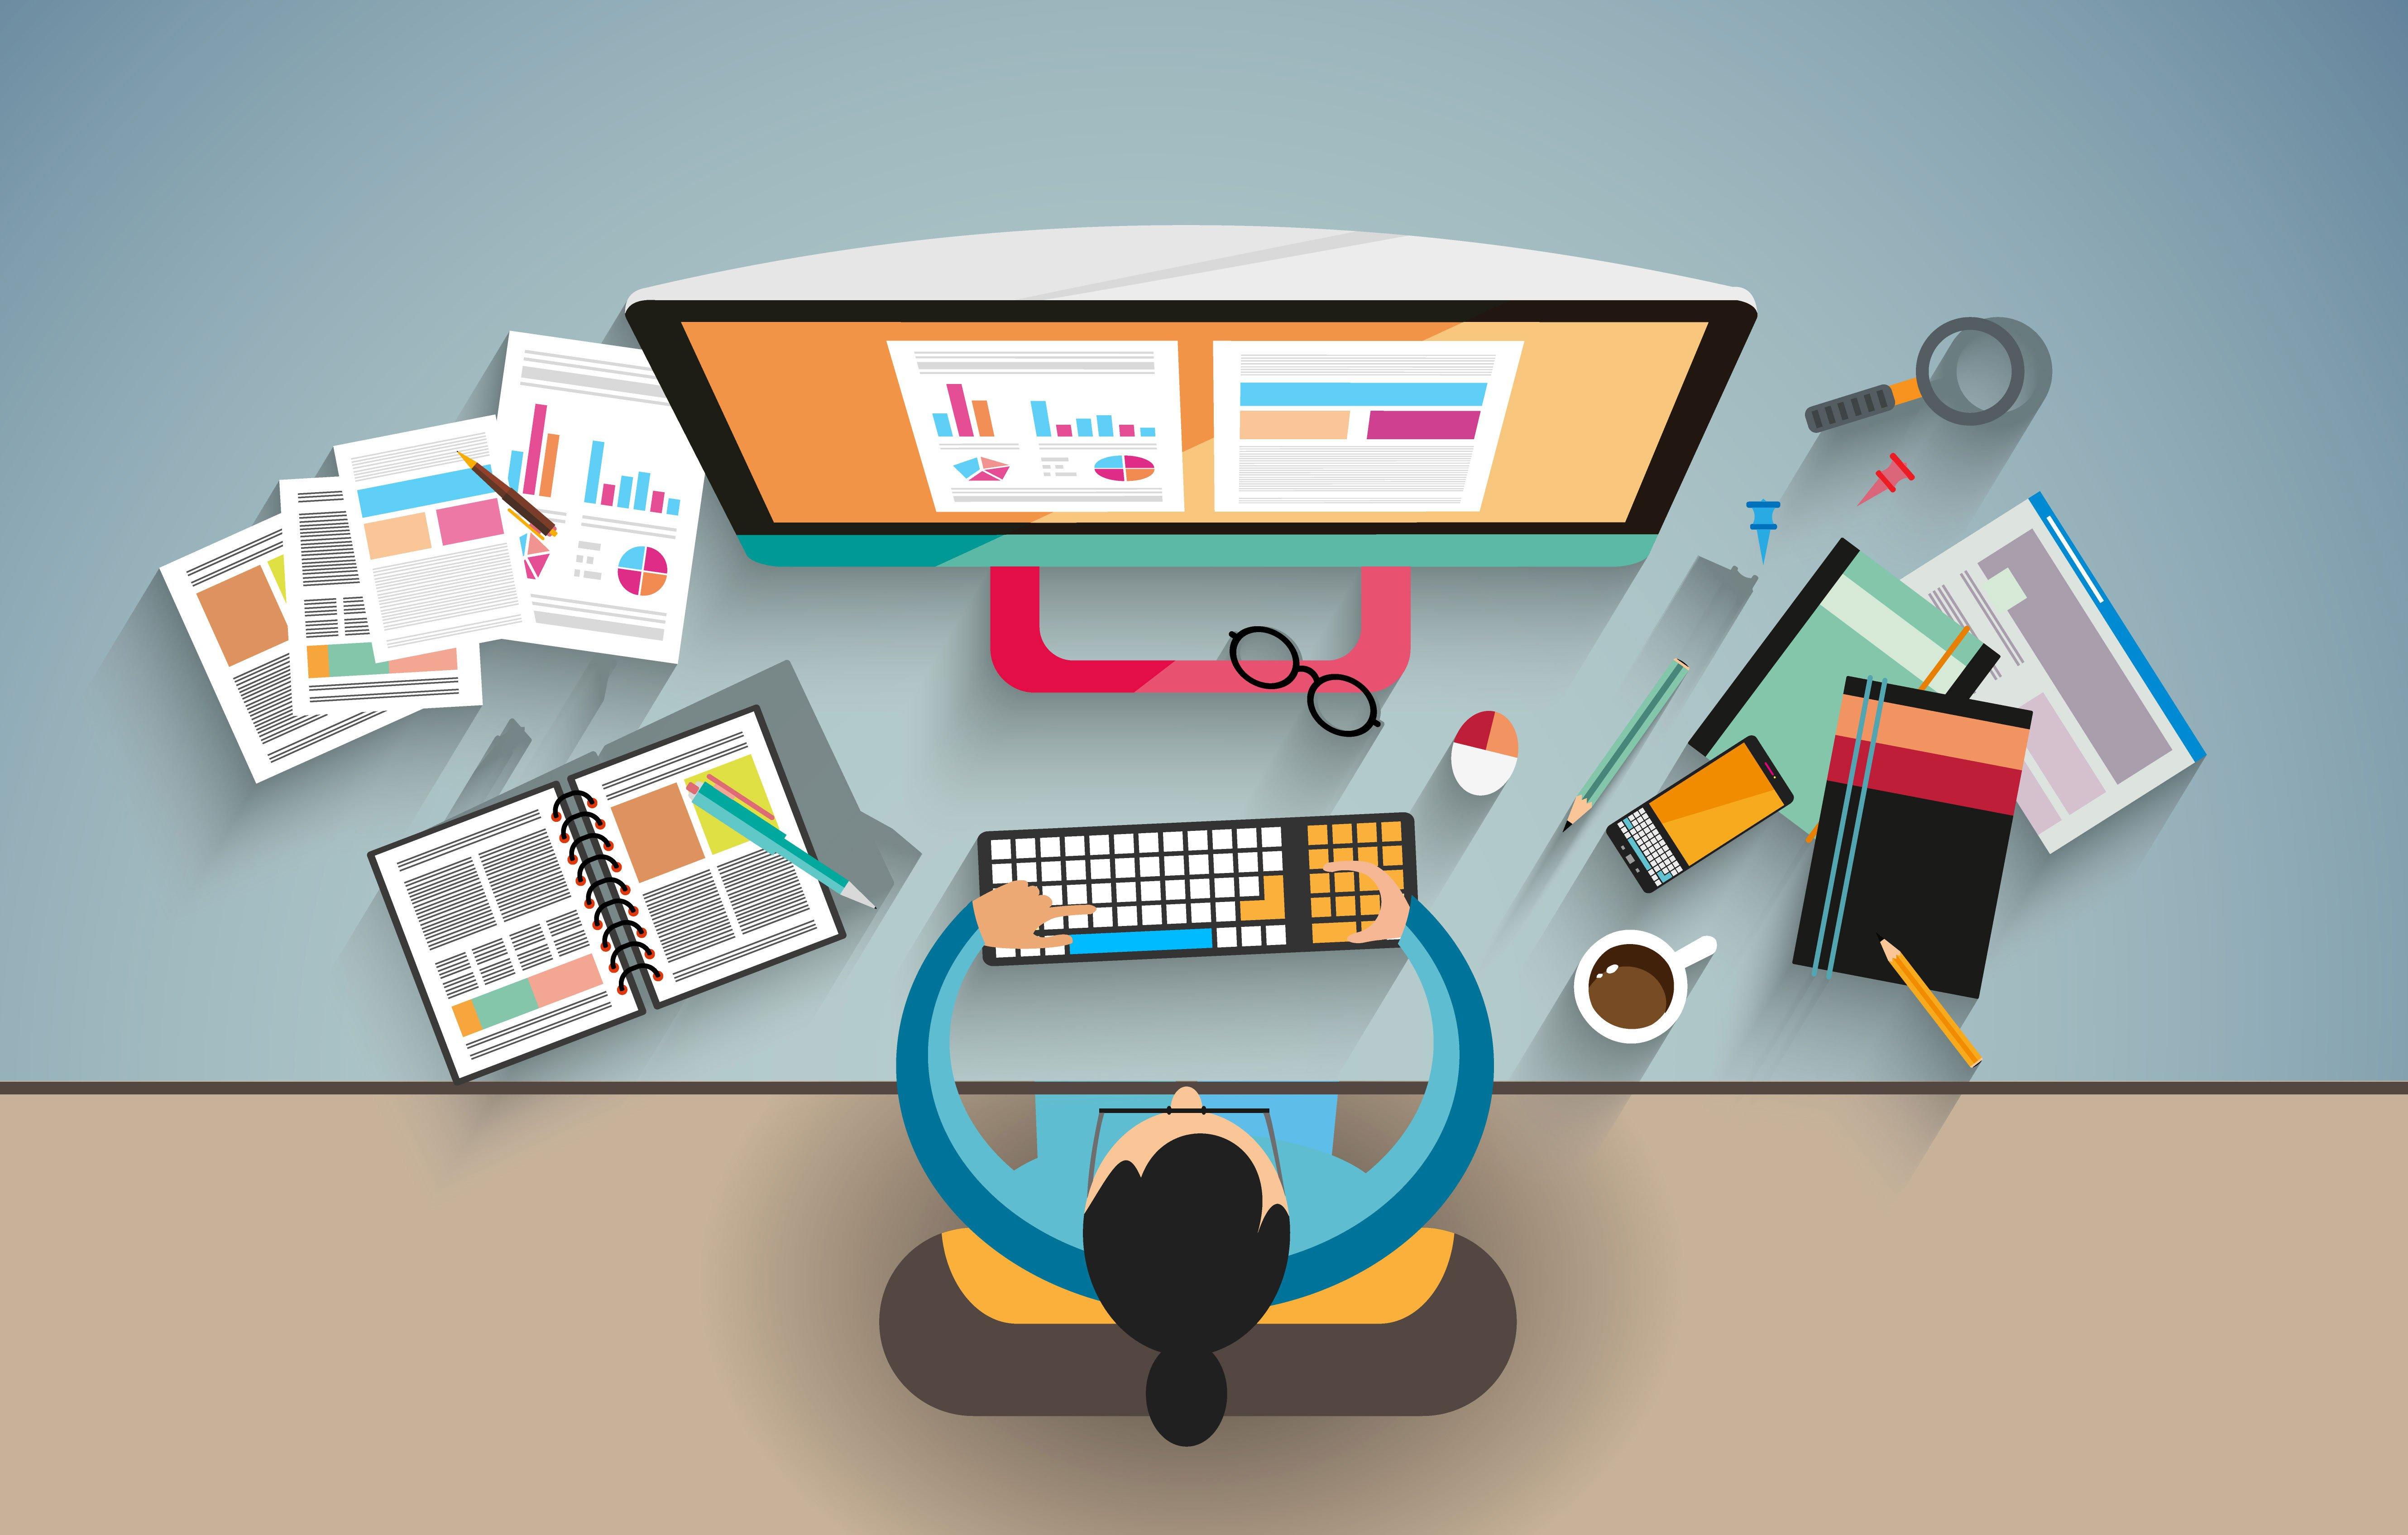 فرآیند طراحی وبسایت در ۷ مرحله ساده